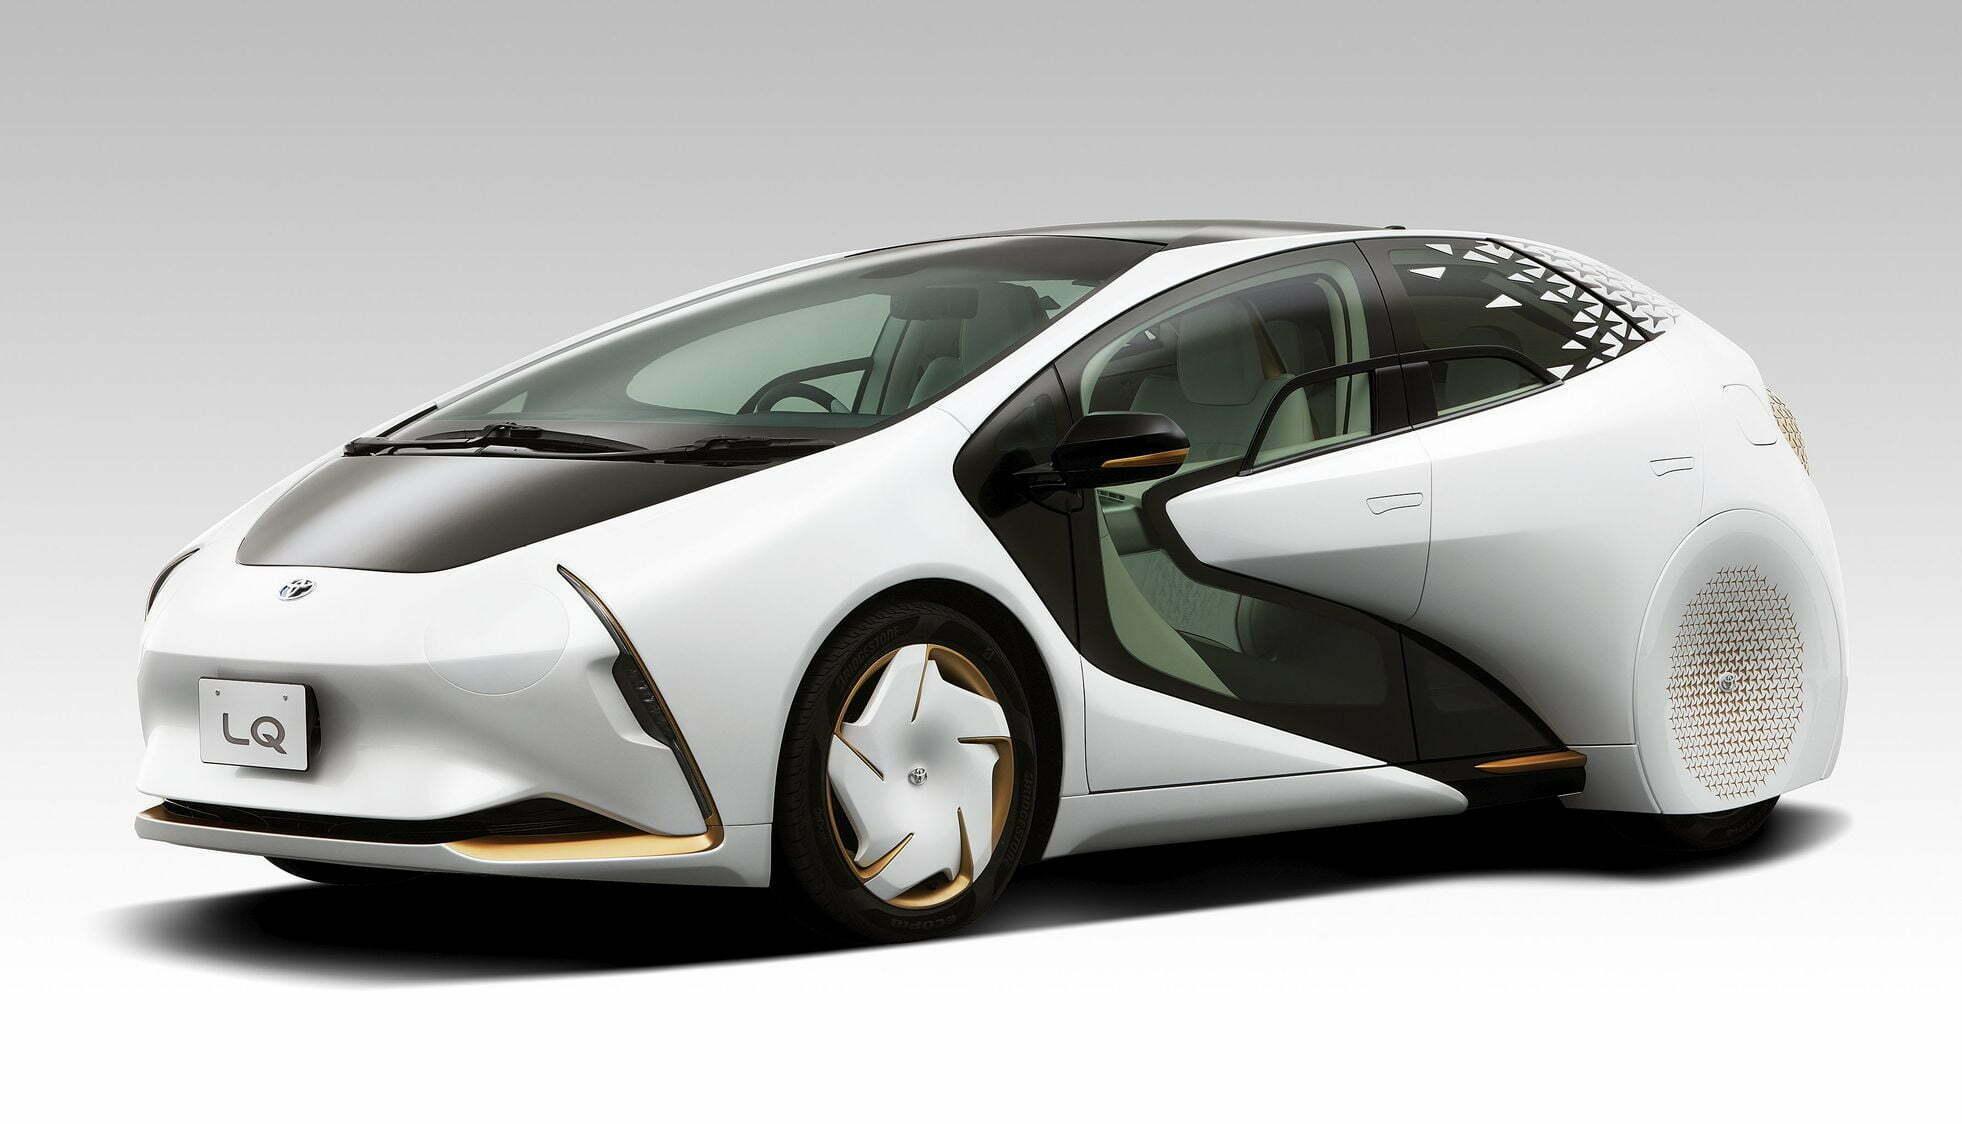 elektromobil-toyota-lq-s-iskusstvennym-intellektom